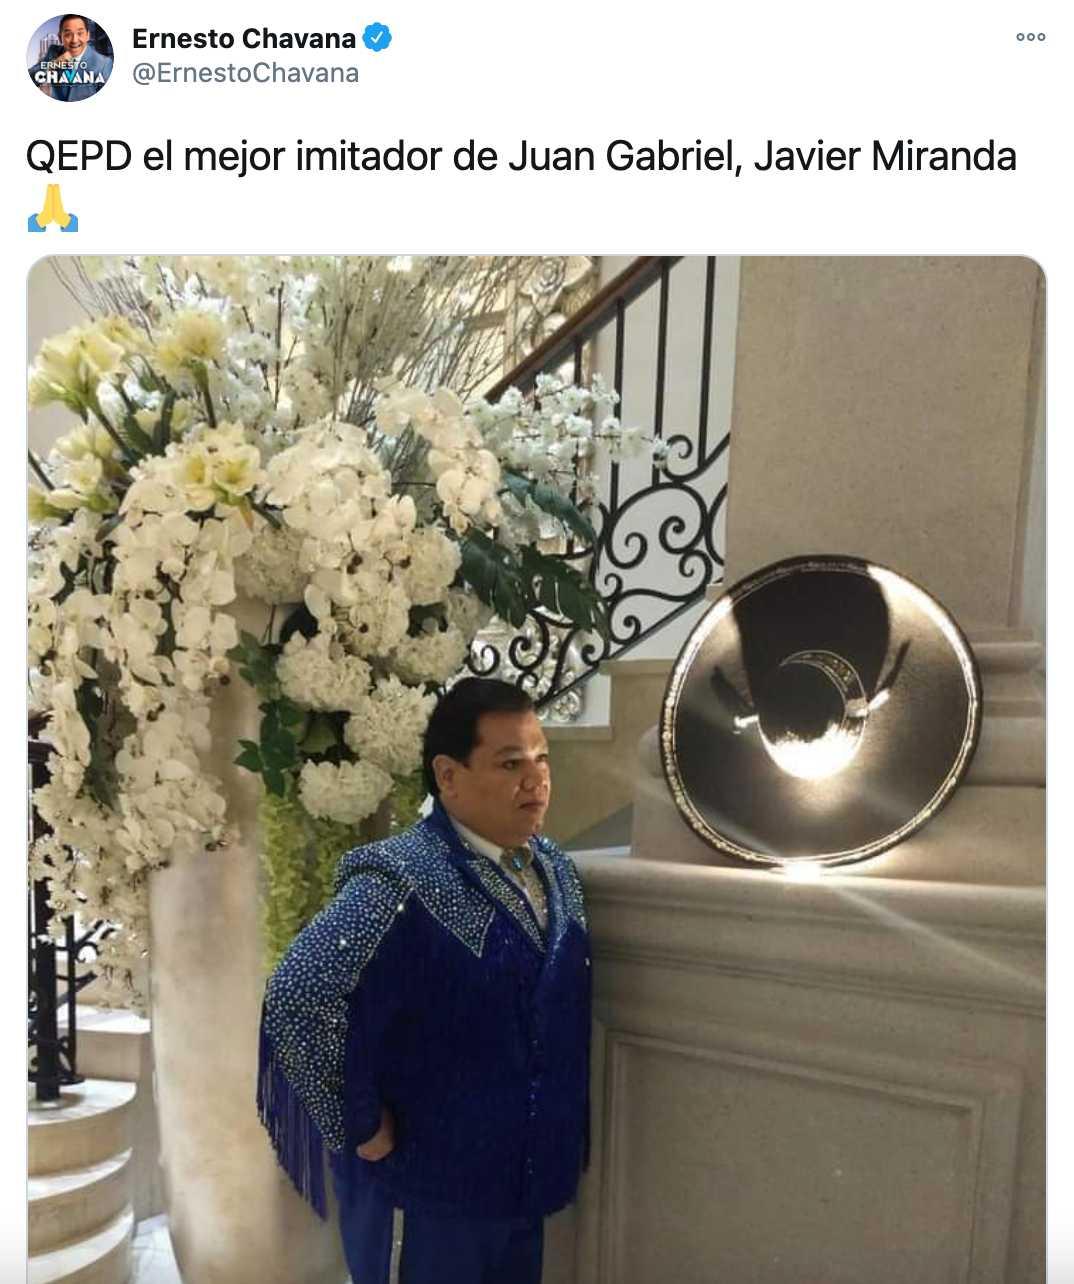 Javier Miranda, imitador de Juan Gabriel, fallece por Covid 19